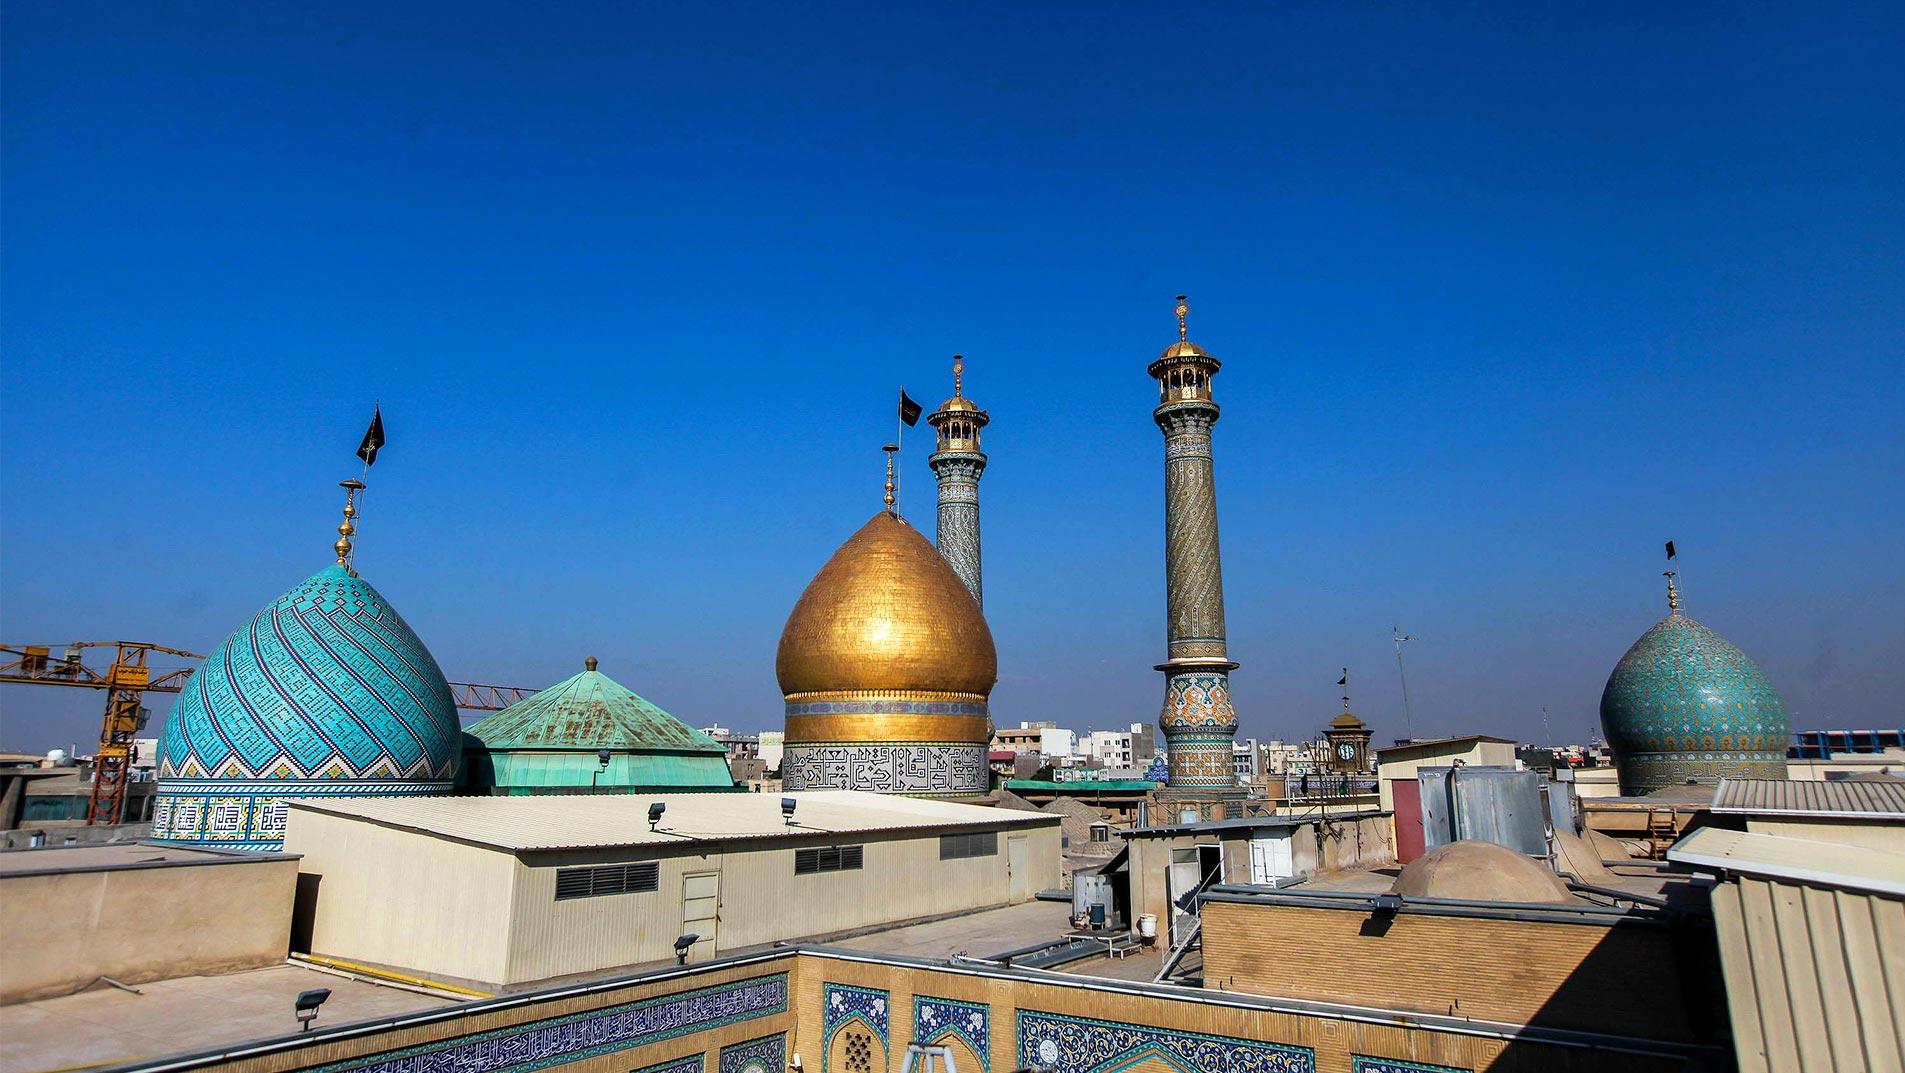 مکان های مذهبی تهران که باید حتما به آن سری بزنید